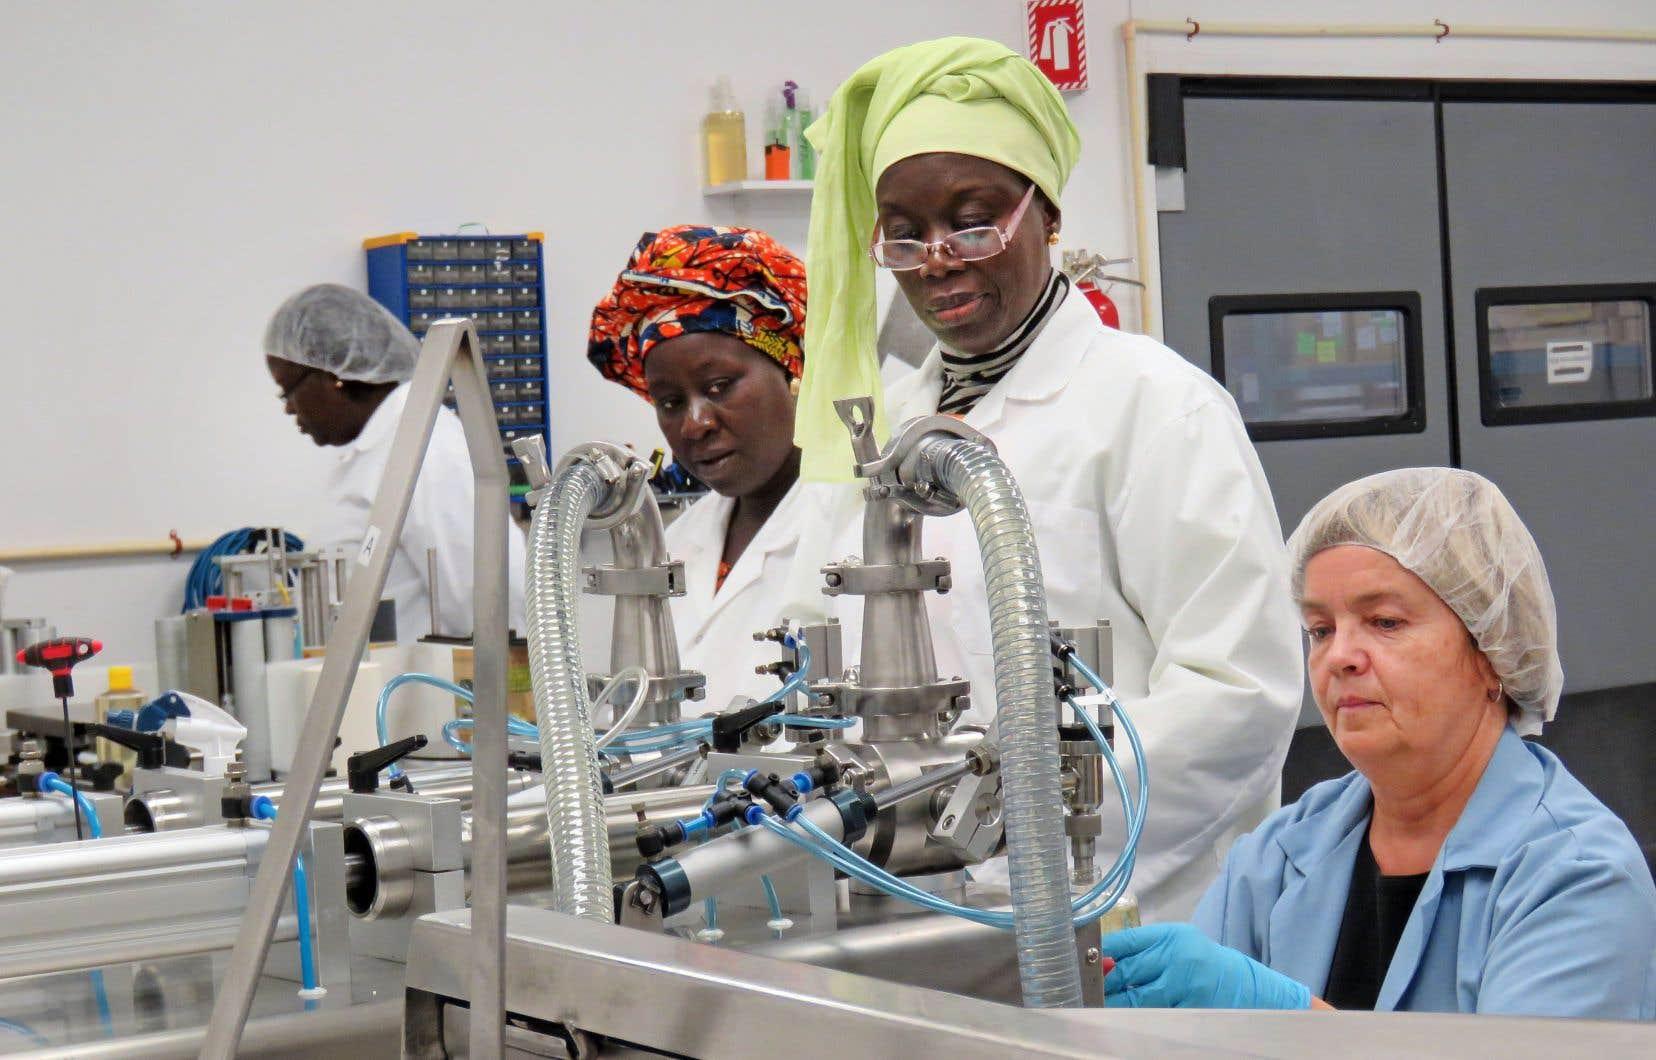 La savonnerie représente une activité très importante pour ces Sénégalaises, qui produisent des pains de savon vendus localement.